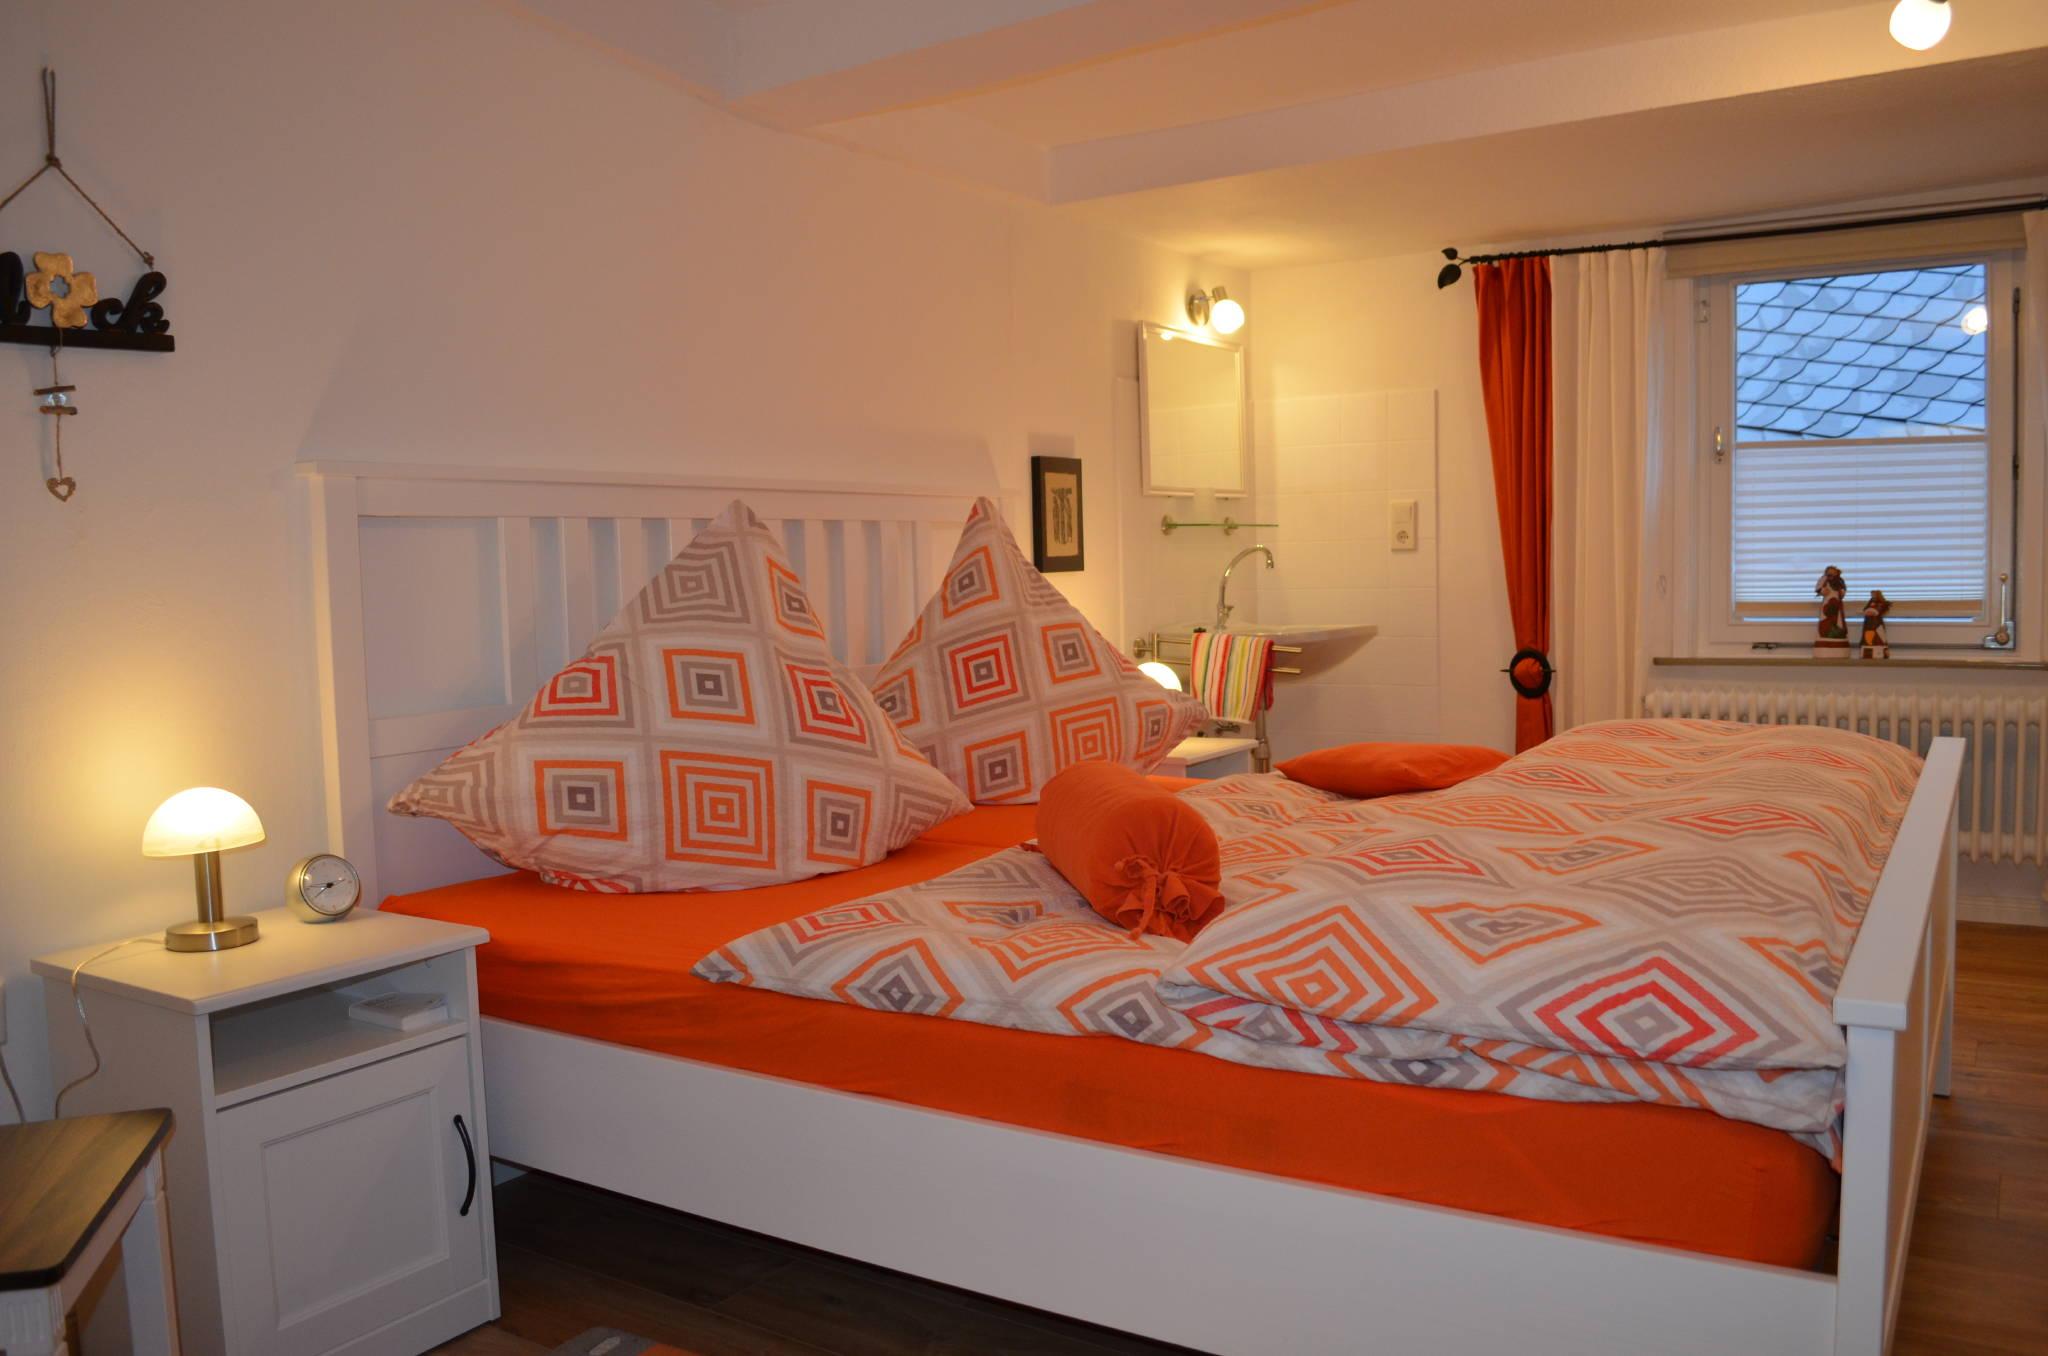 Zusatzbild Nr. 04 von Ferienwohnung Sternberg - Wohnung Berg